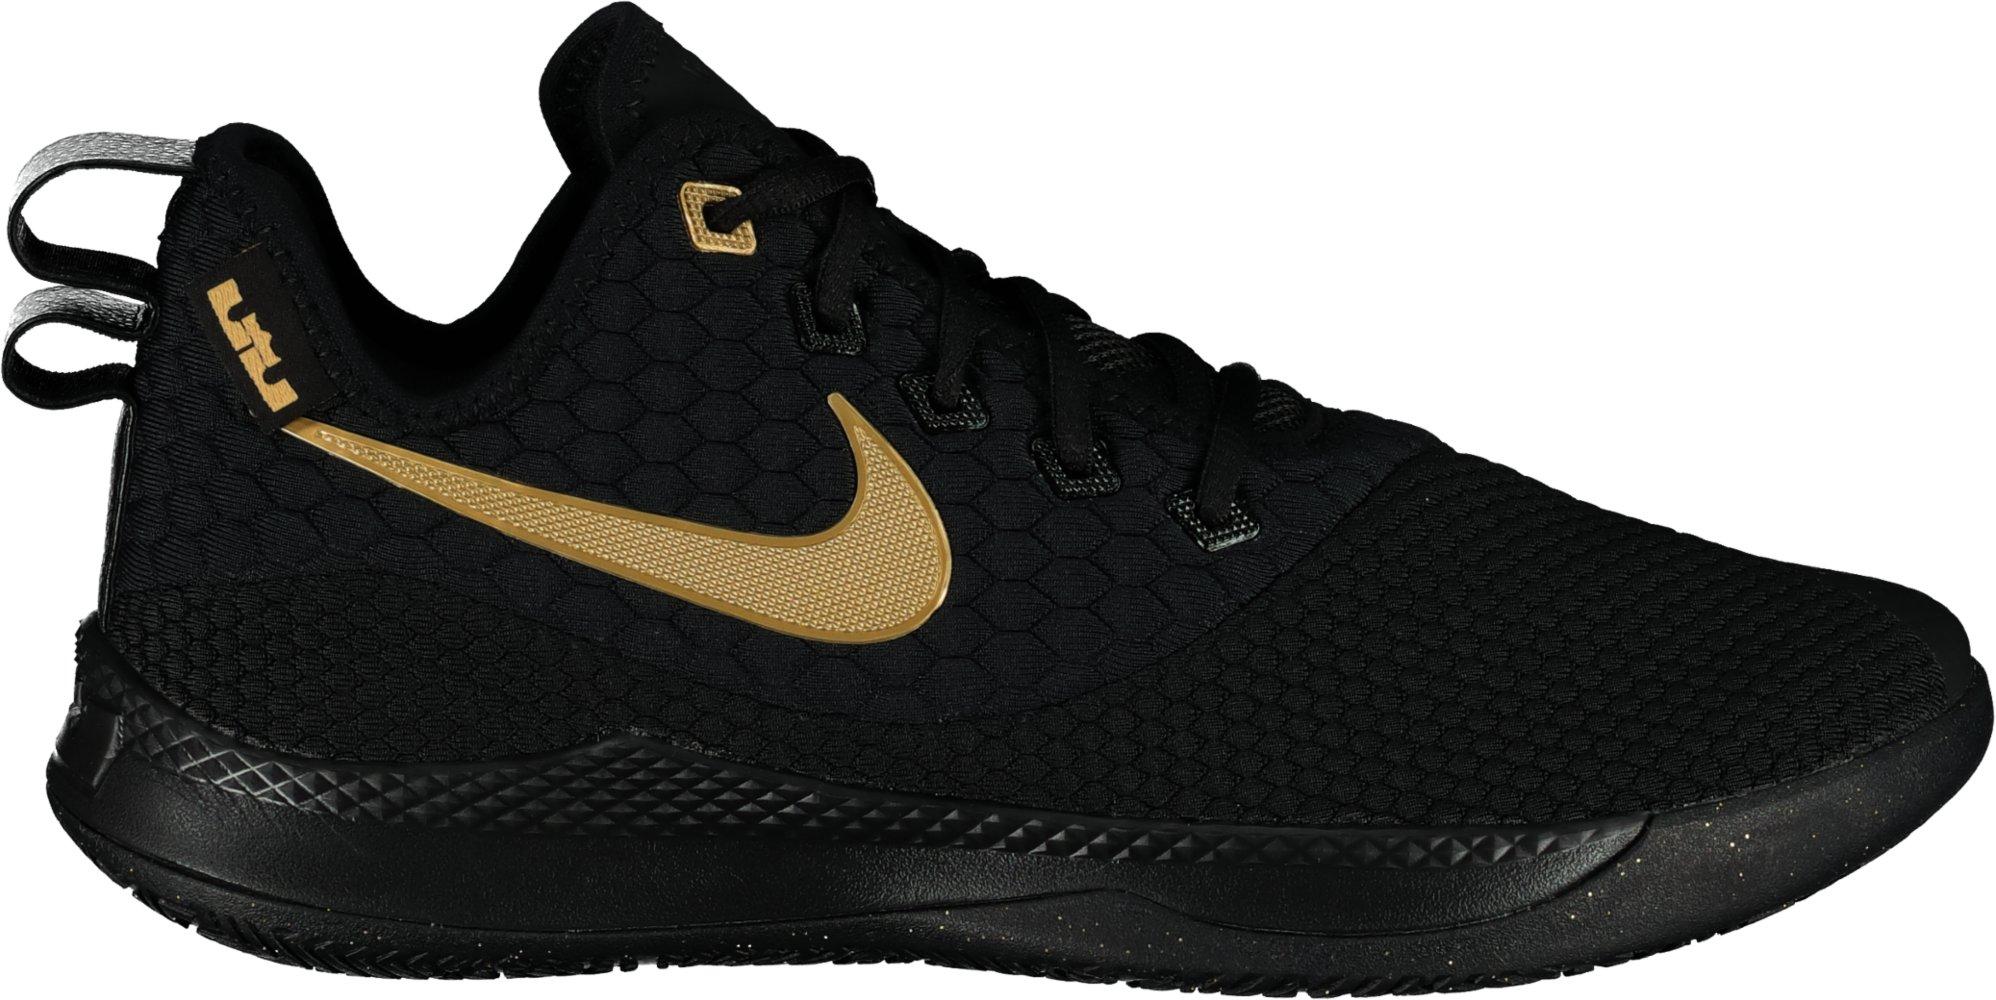 Best pris på Nike LeBron Witness III Basketballsko (Herre